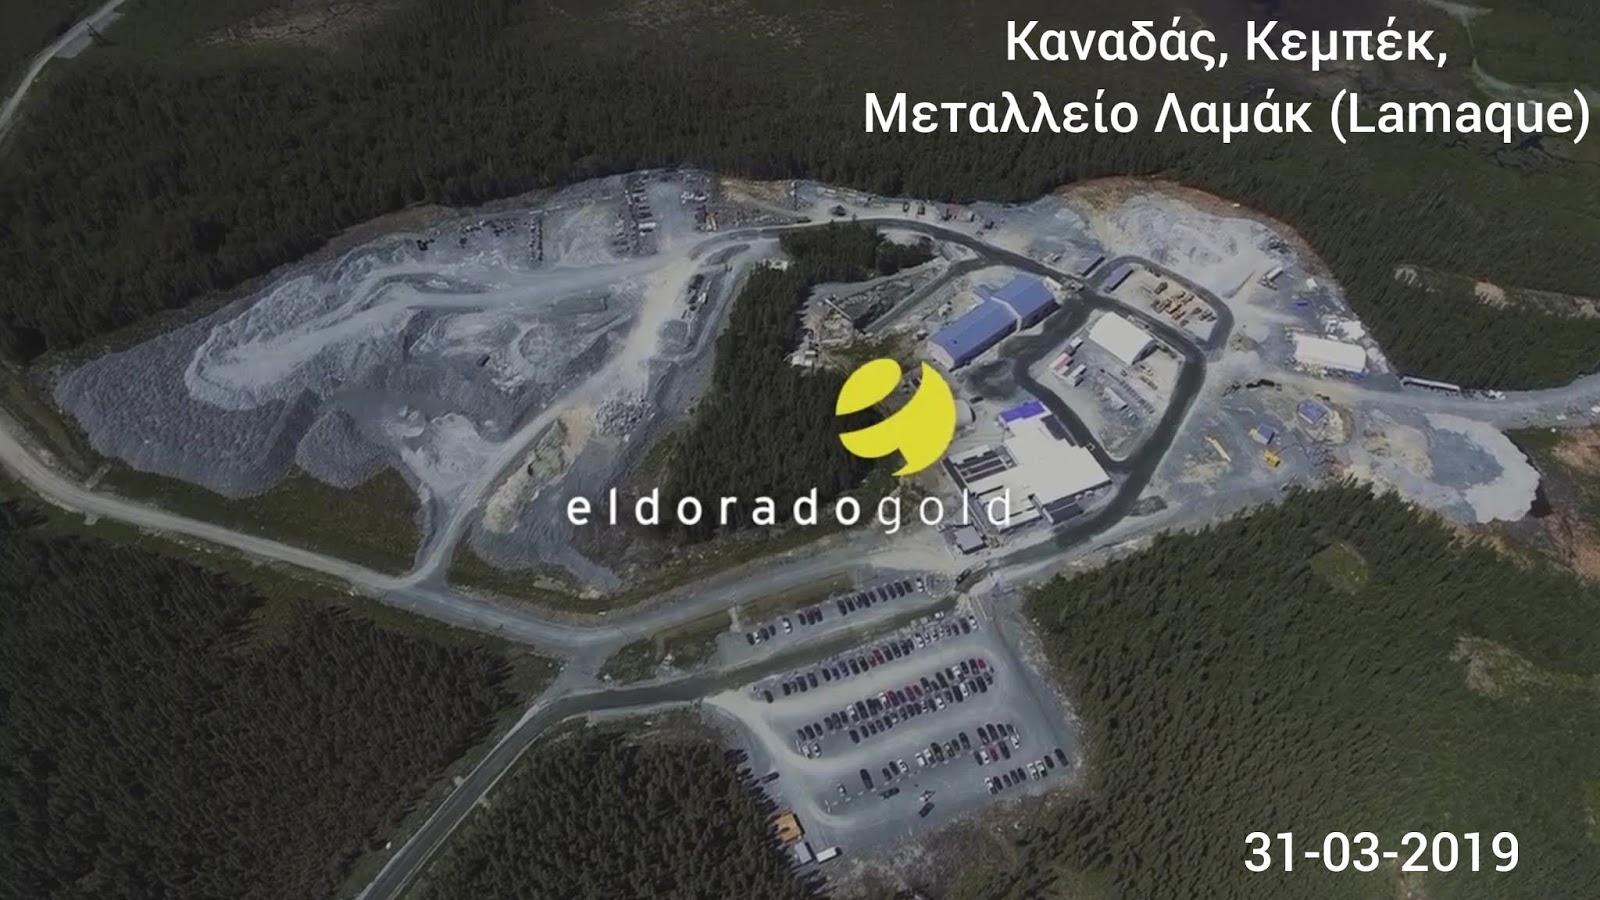 ΕΠΕΝΔΥΣΗ ΧΡΥΣΟΥ ΣΤΟΝ ΔΗΜΟ ΑΡΙΣΤΟΤΕΛΗ : Η μητρική εταιρεία της Ελληνικός Χρυσός Α.Ε., η Eldorado Gold Corporation, ξεκίνησε την εμπορική παραγωγή σε μεταλλείο της στον Καναδά.